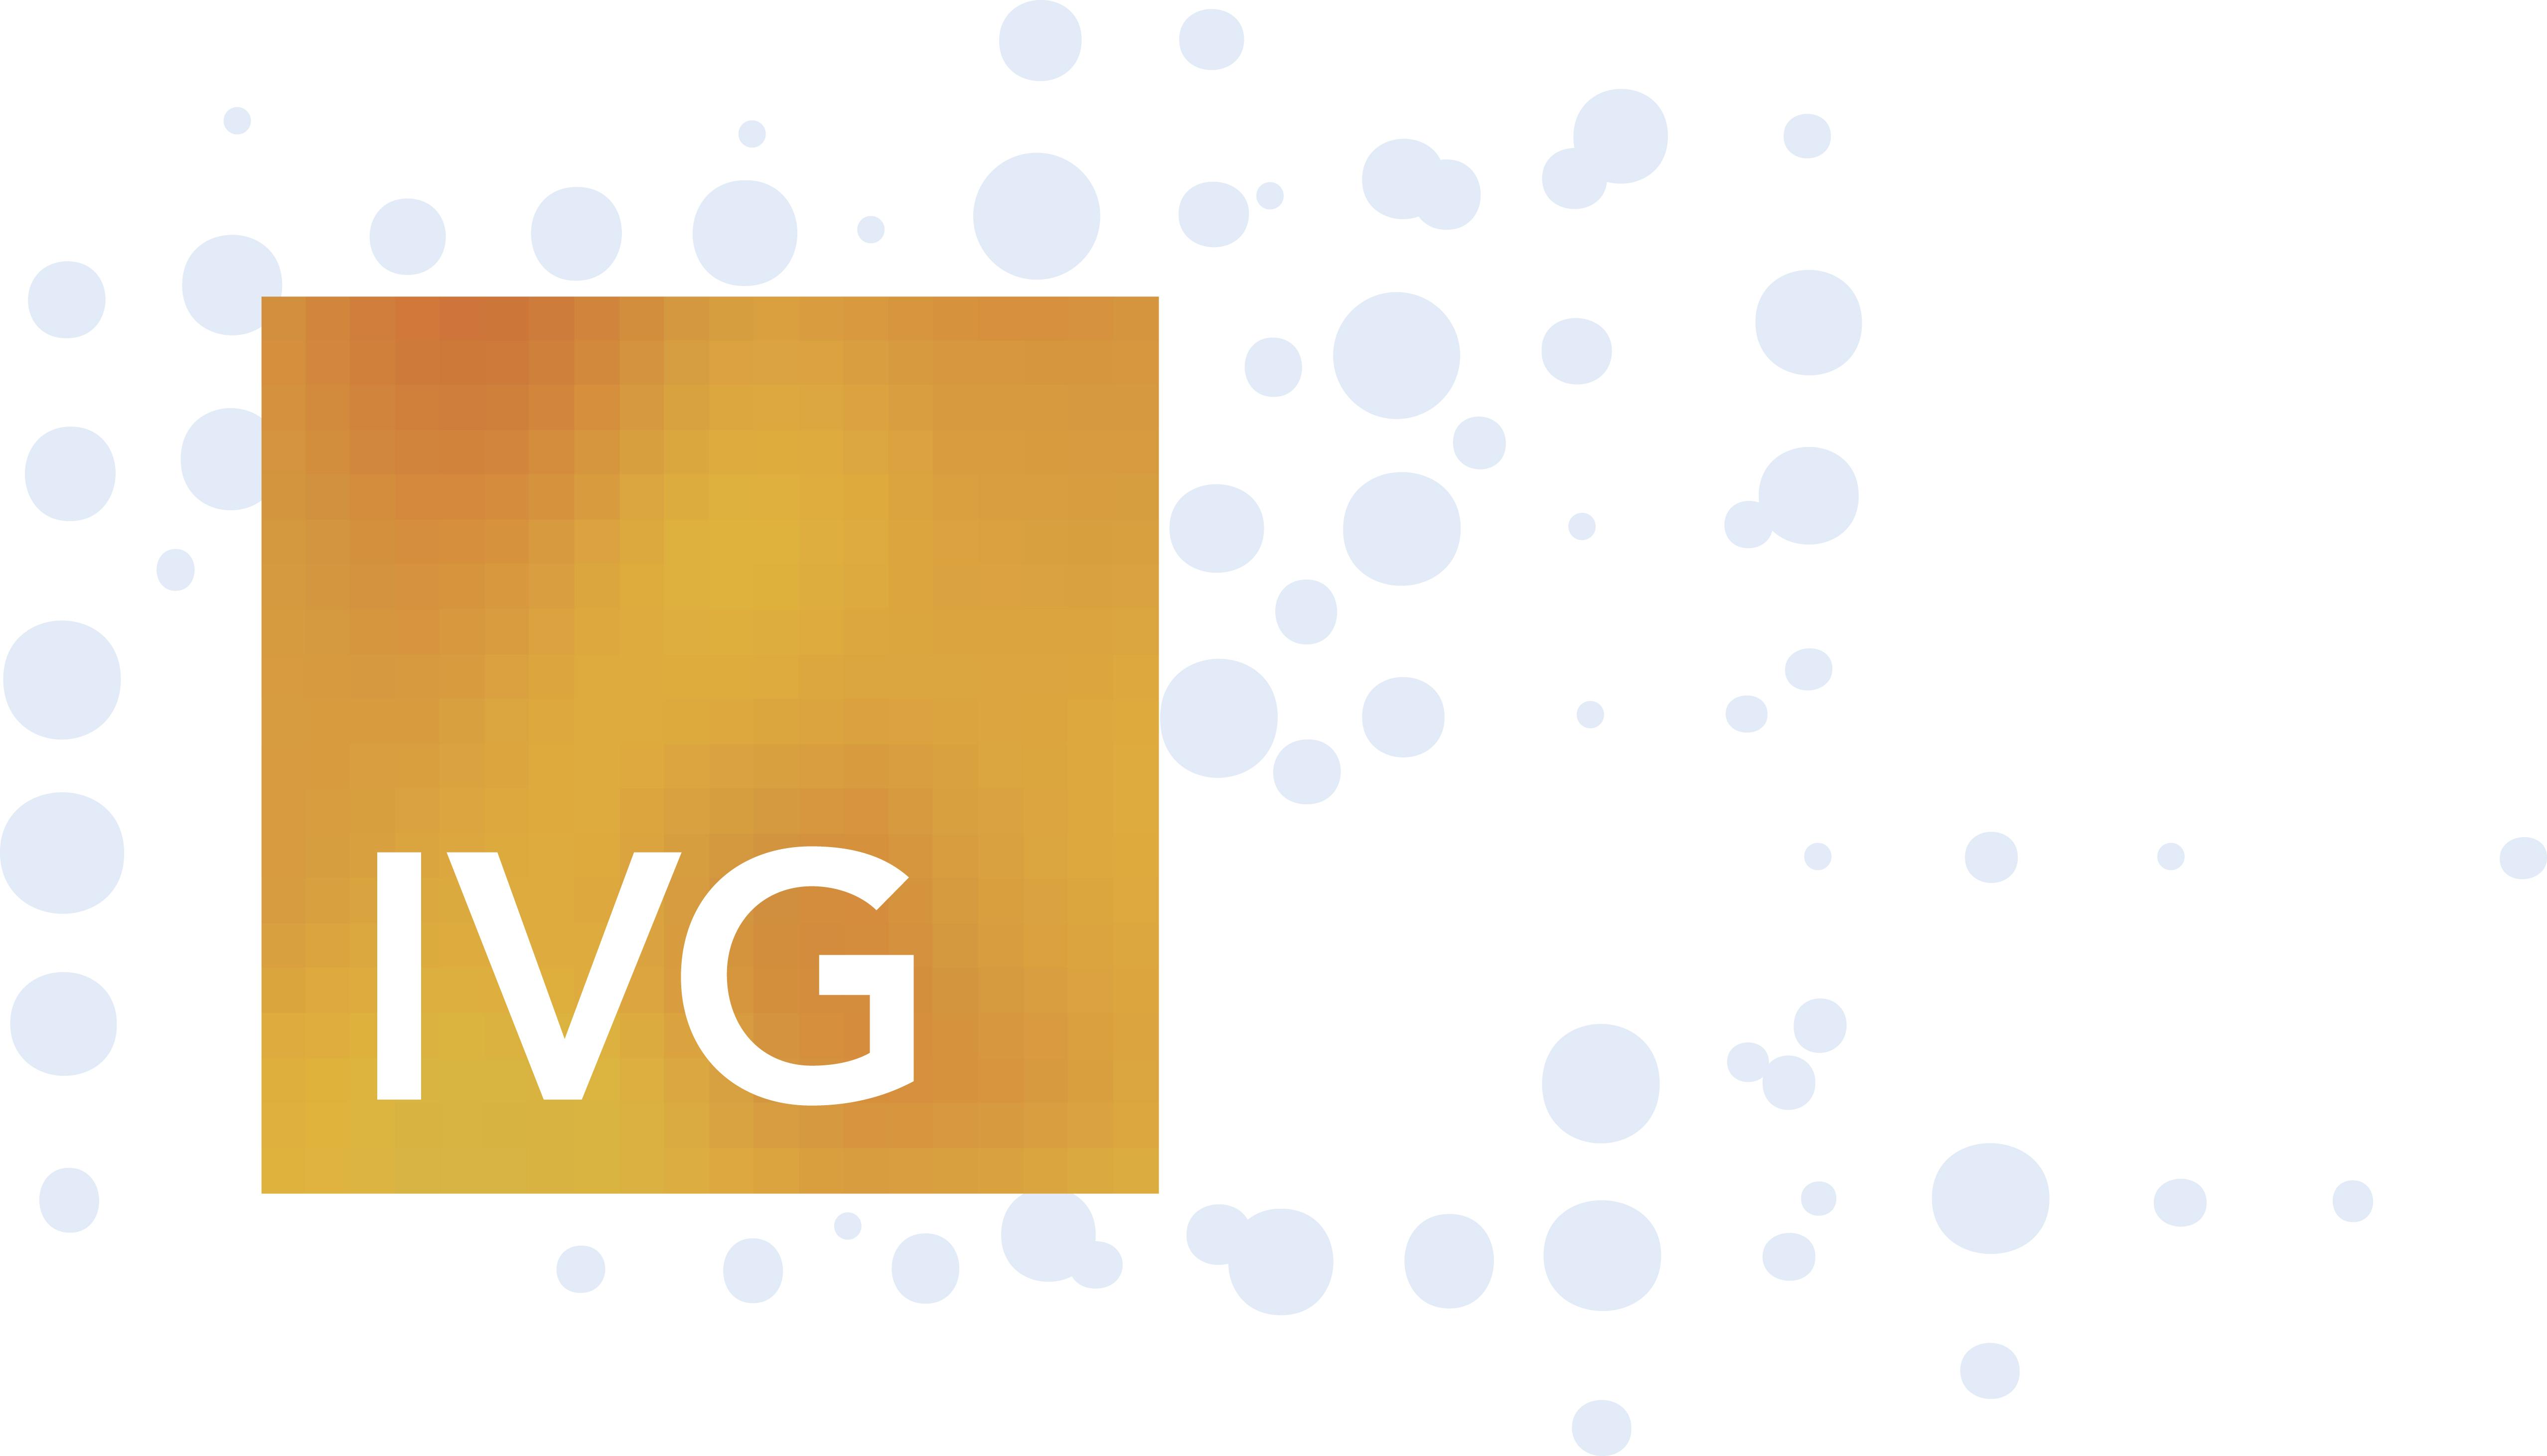 IVG logo